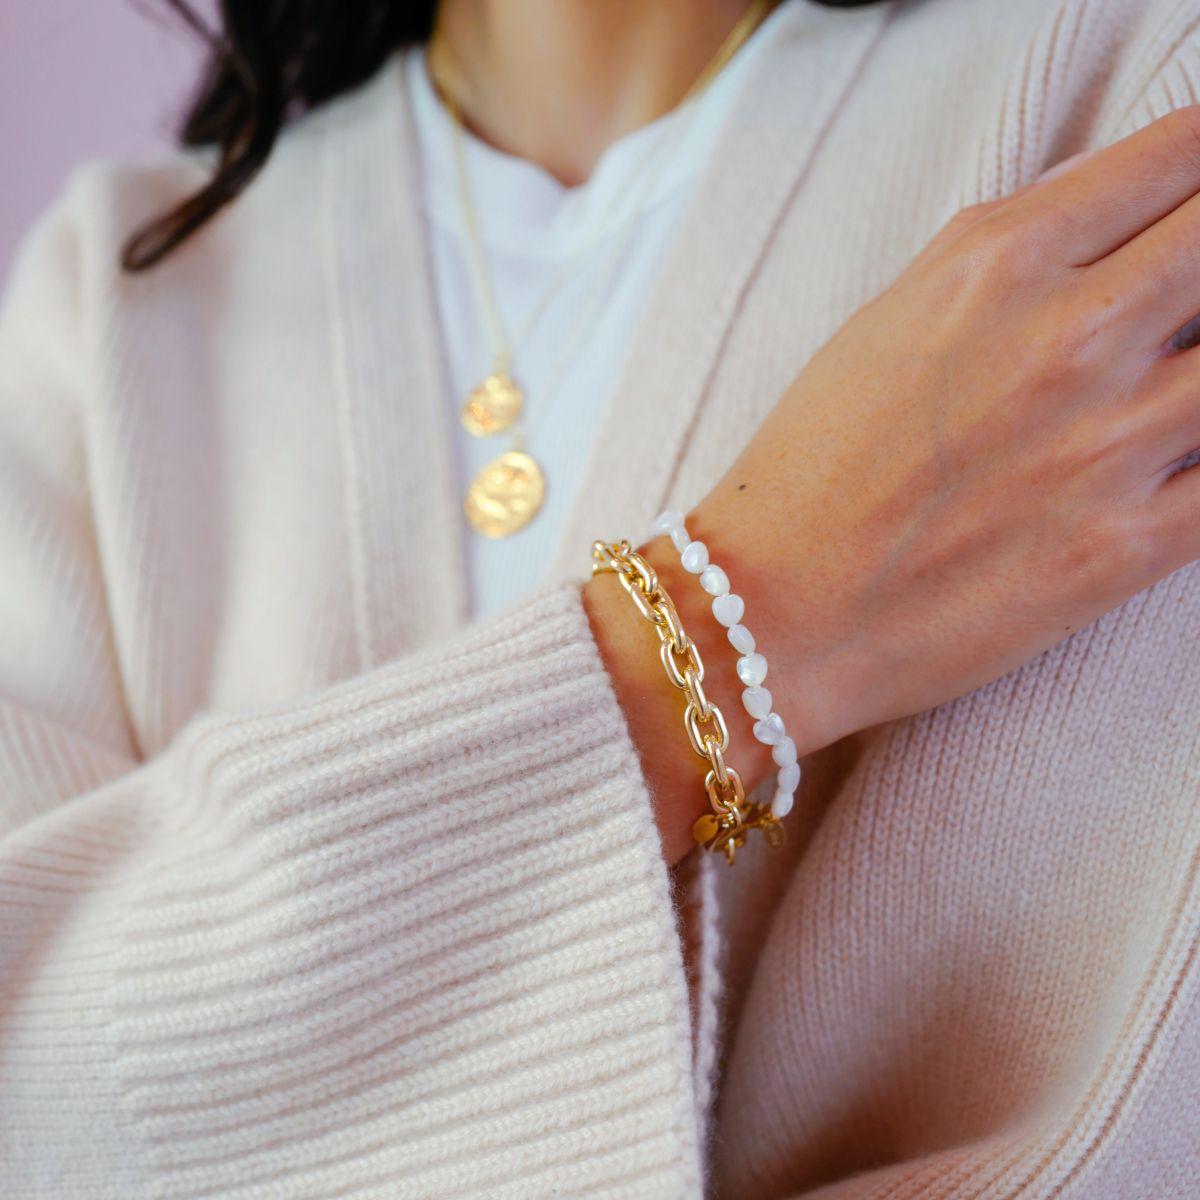 Mini Heart Bracelet - Armband - Gold